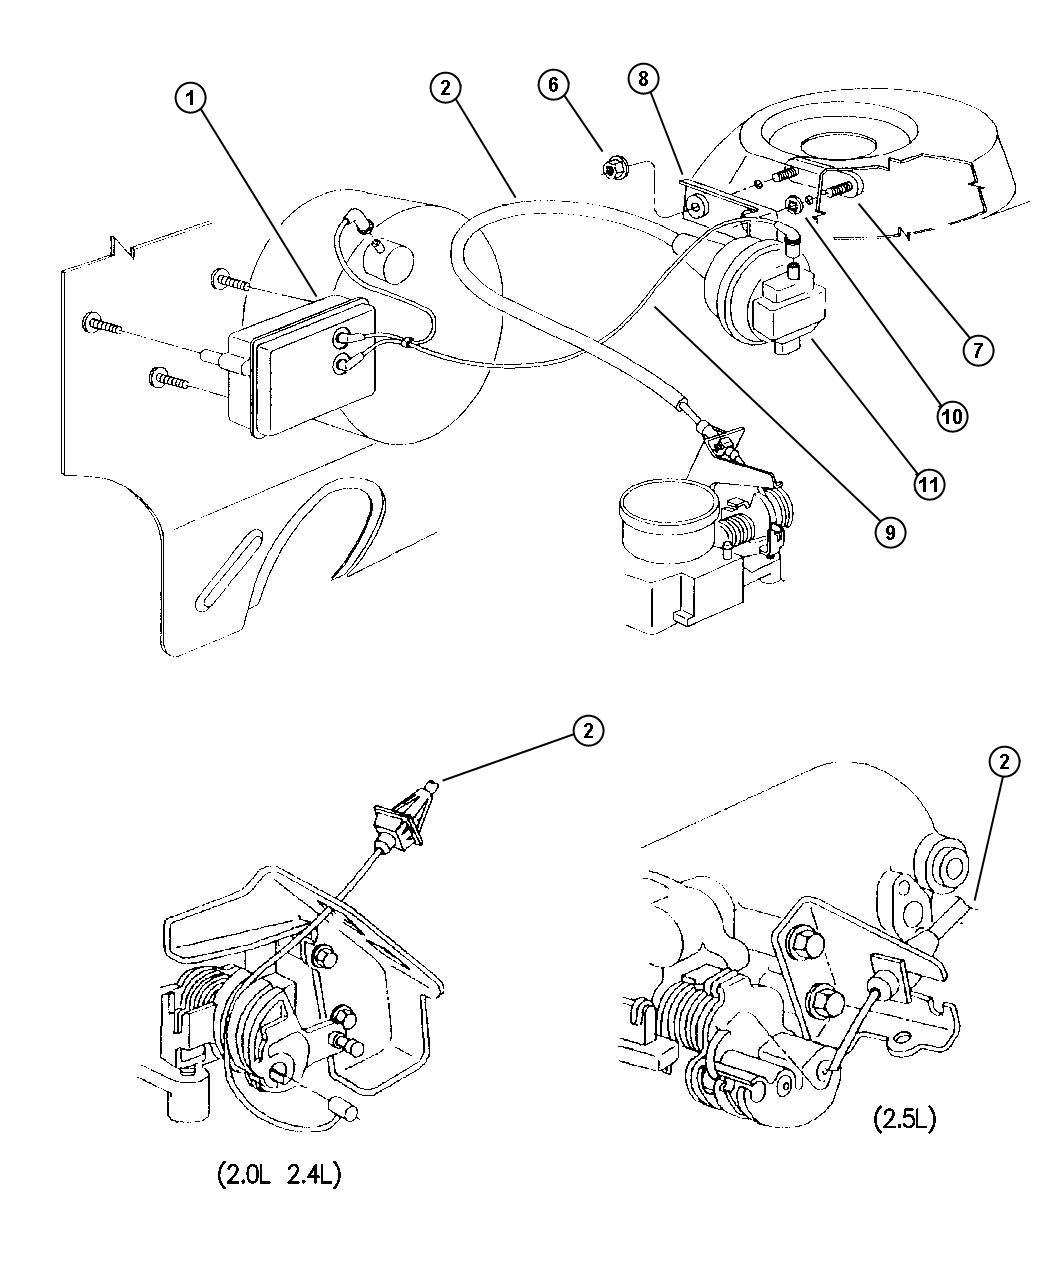 1998 dodge intrepid engine diagram